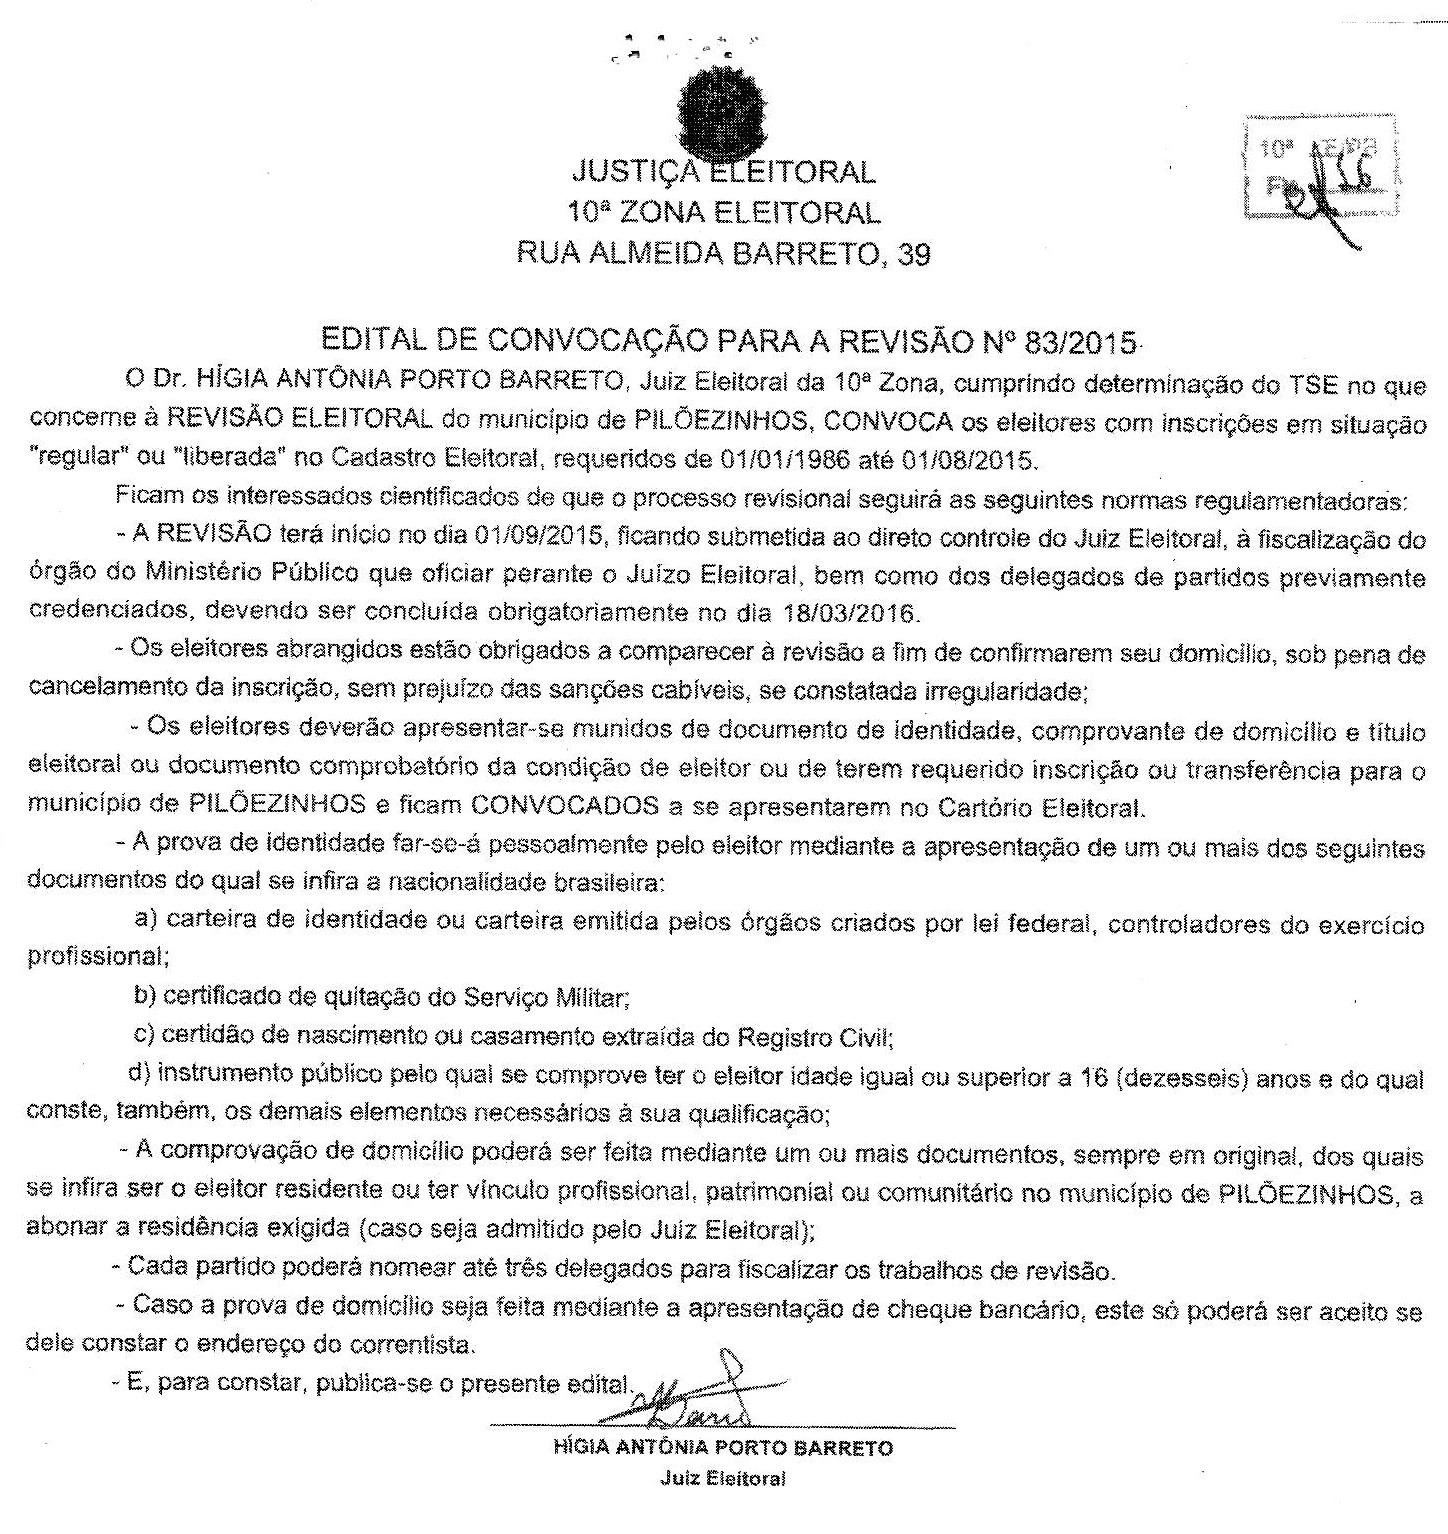 oficio_10zona_eleitoral_21.09.2015_Piloezinhos_ok